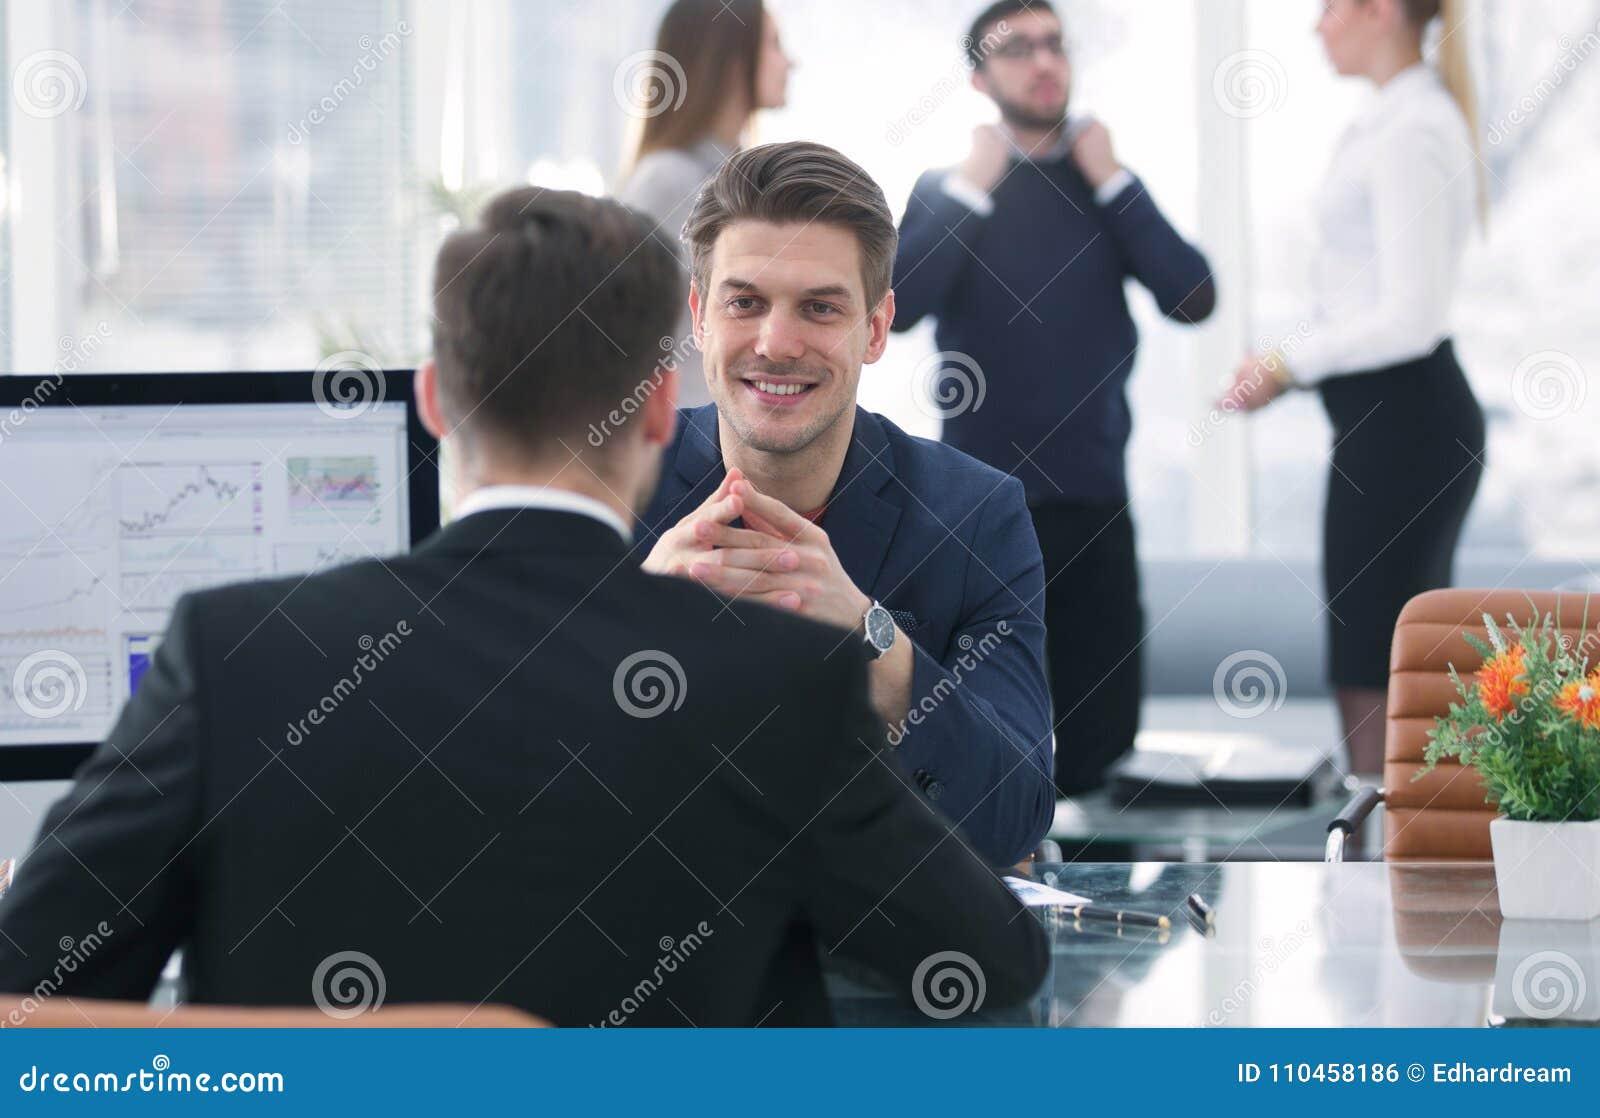 Två män diskuterar tillväxten av företaget som ser resninggrafen på en datorskärm